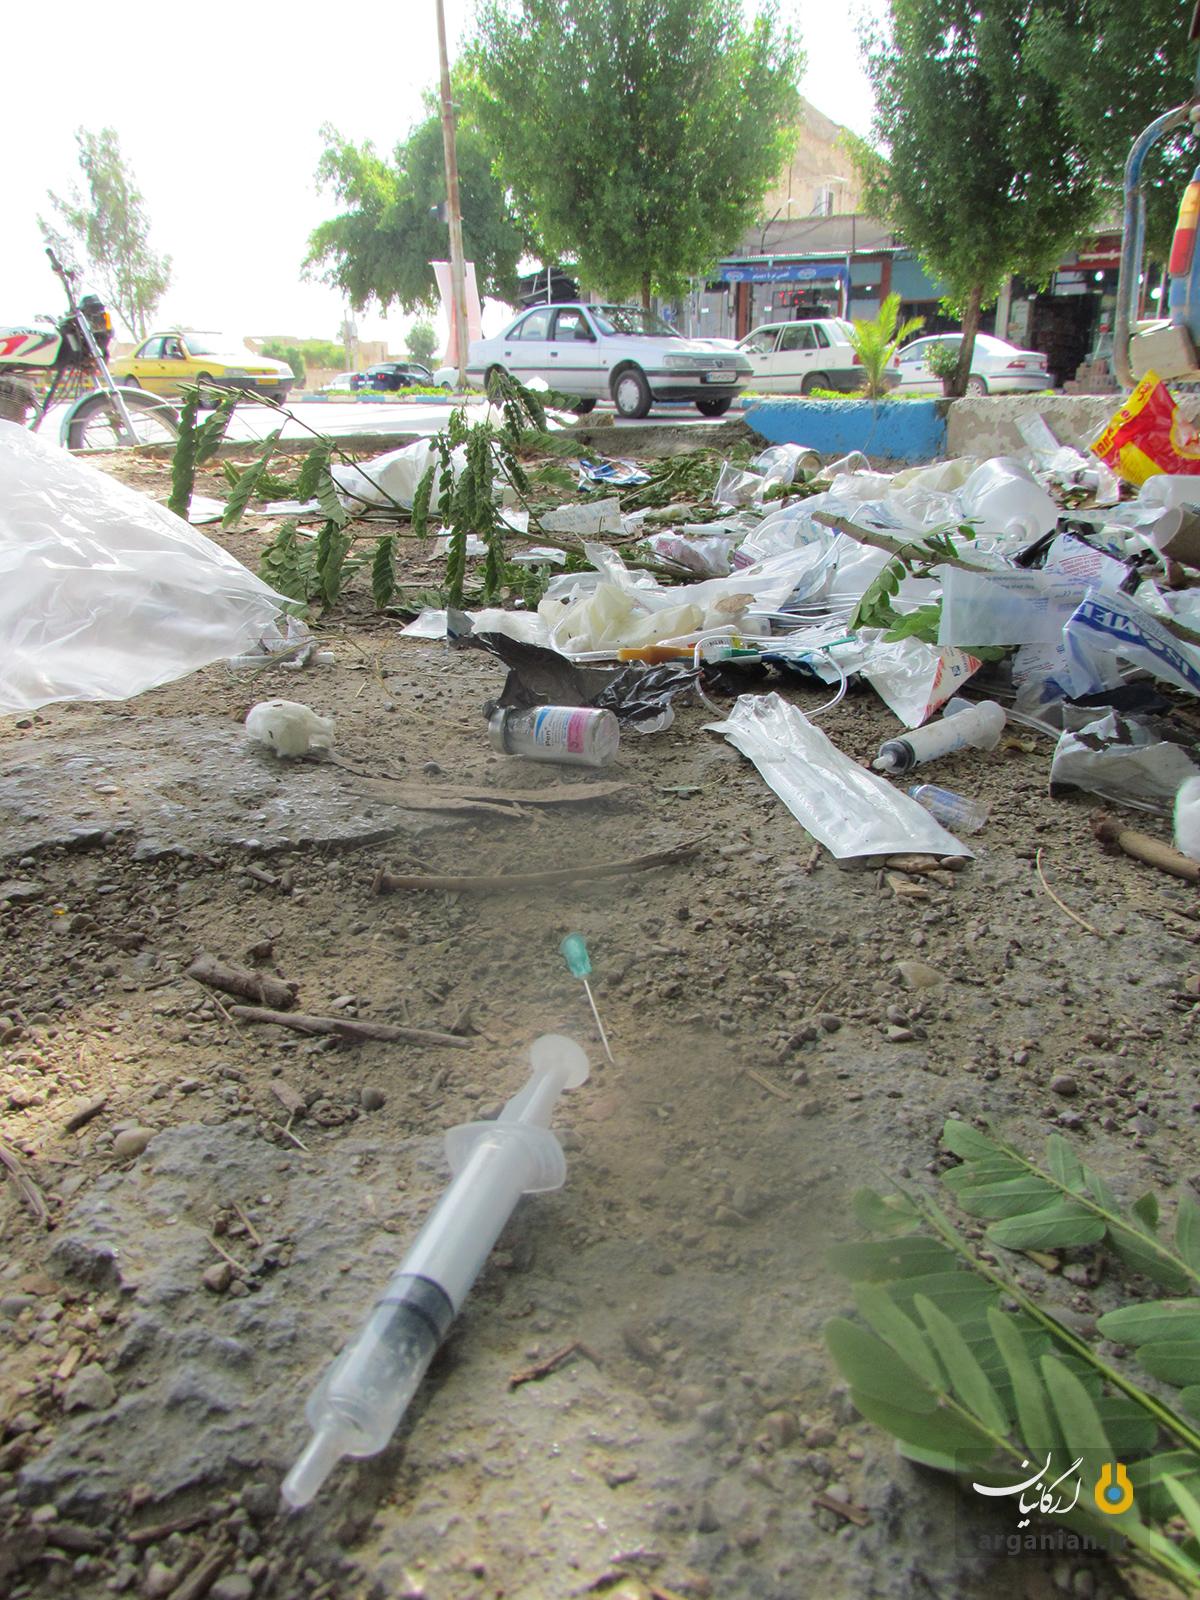 دفع زباله های عفونی در یکی از پیاده راه های بهبهان